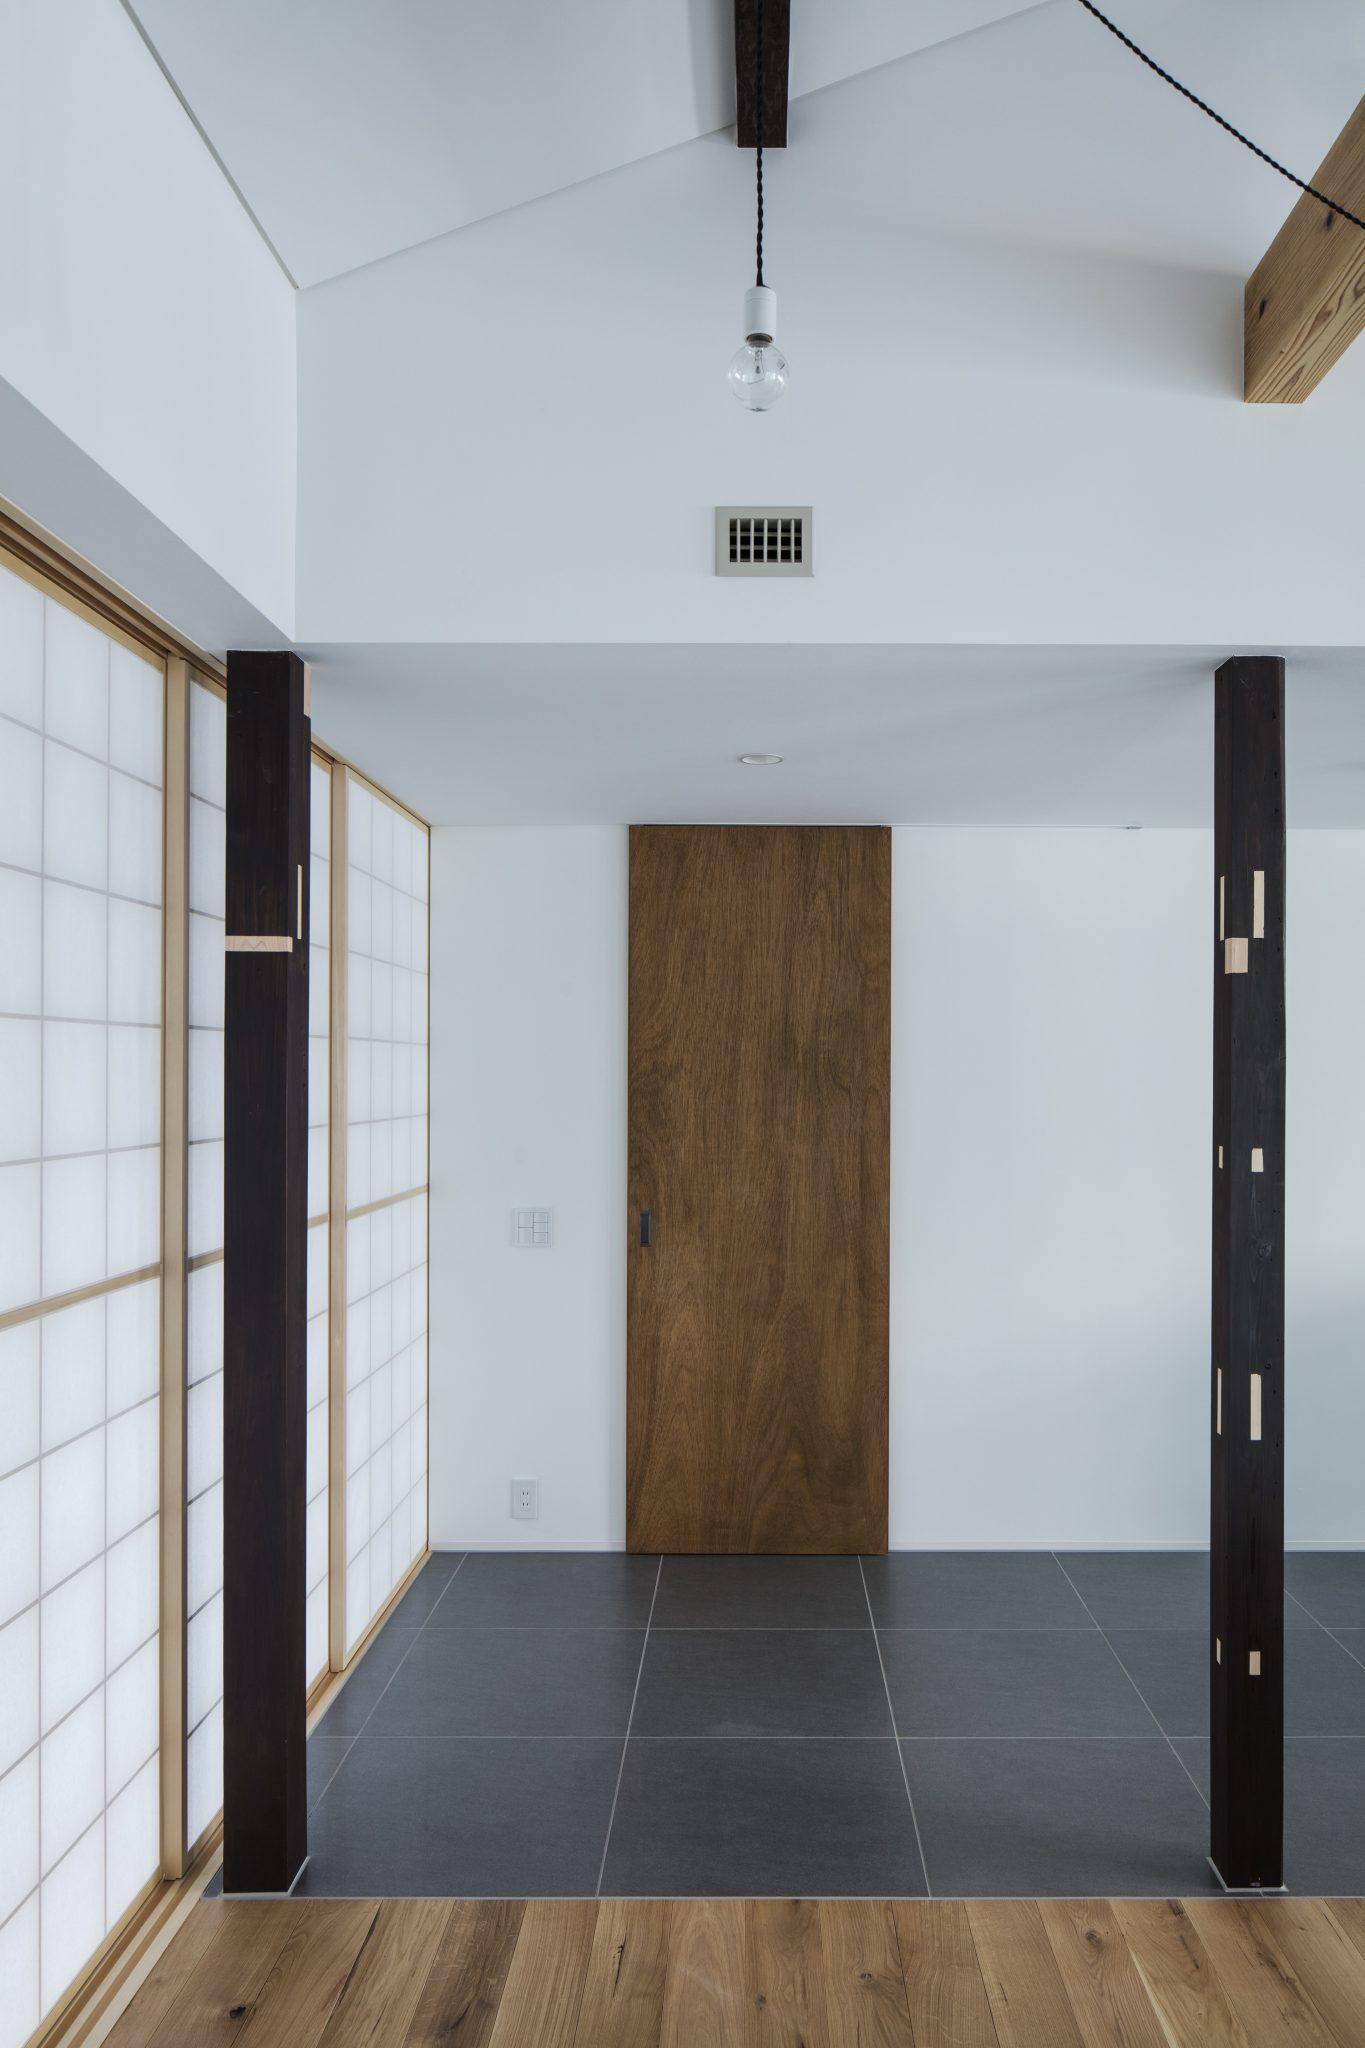 御殿の住宅 -リノベーション-|Residence in Goten by the renovation-180228_0420